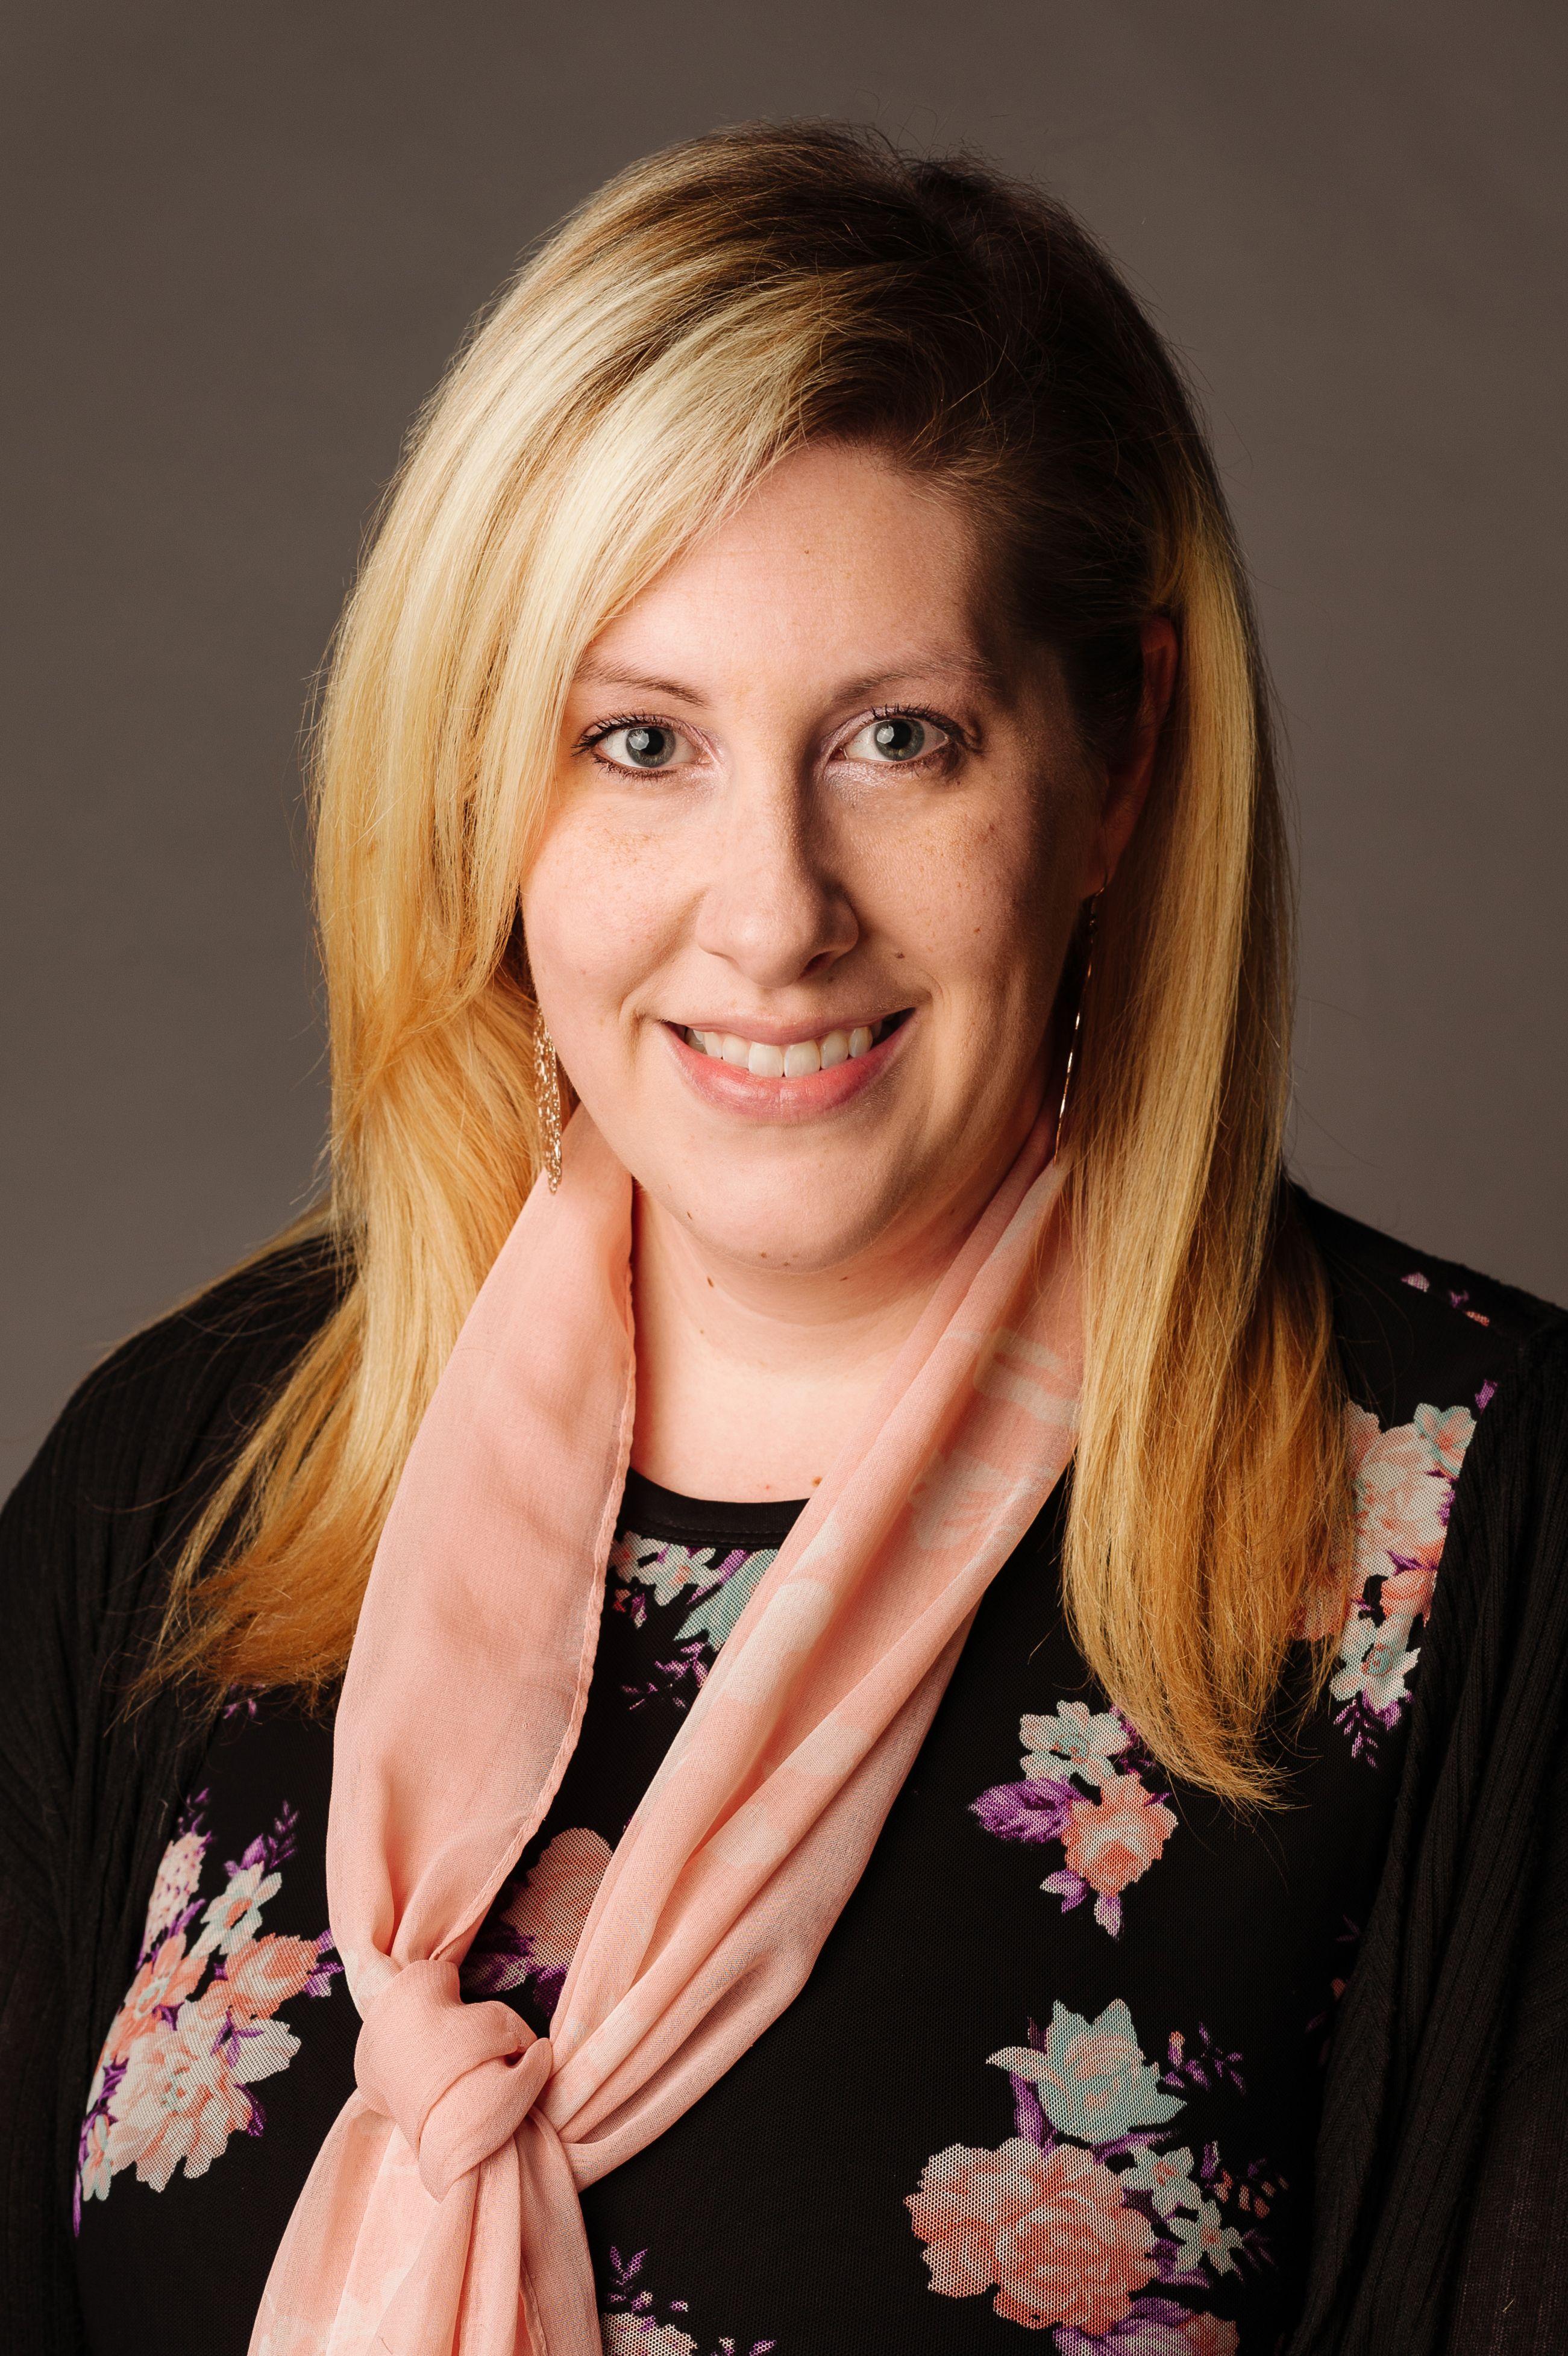 Amanda DeVries - Volunteer Coordinator